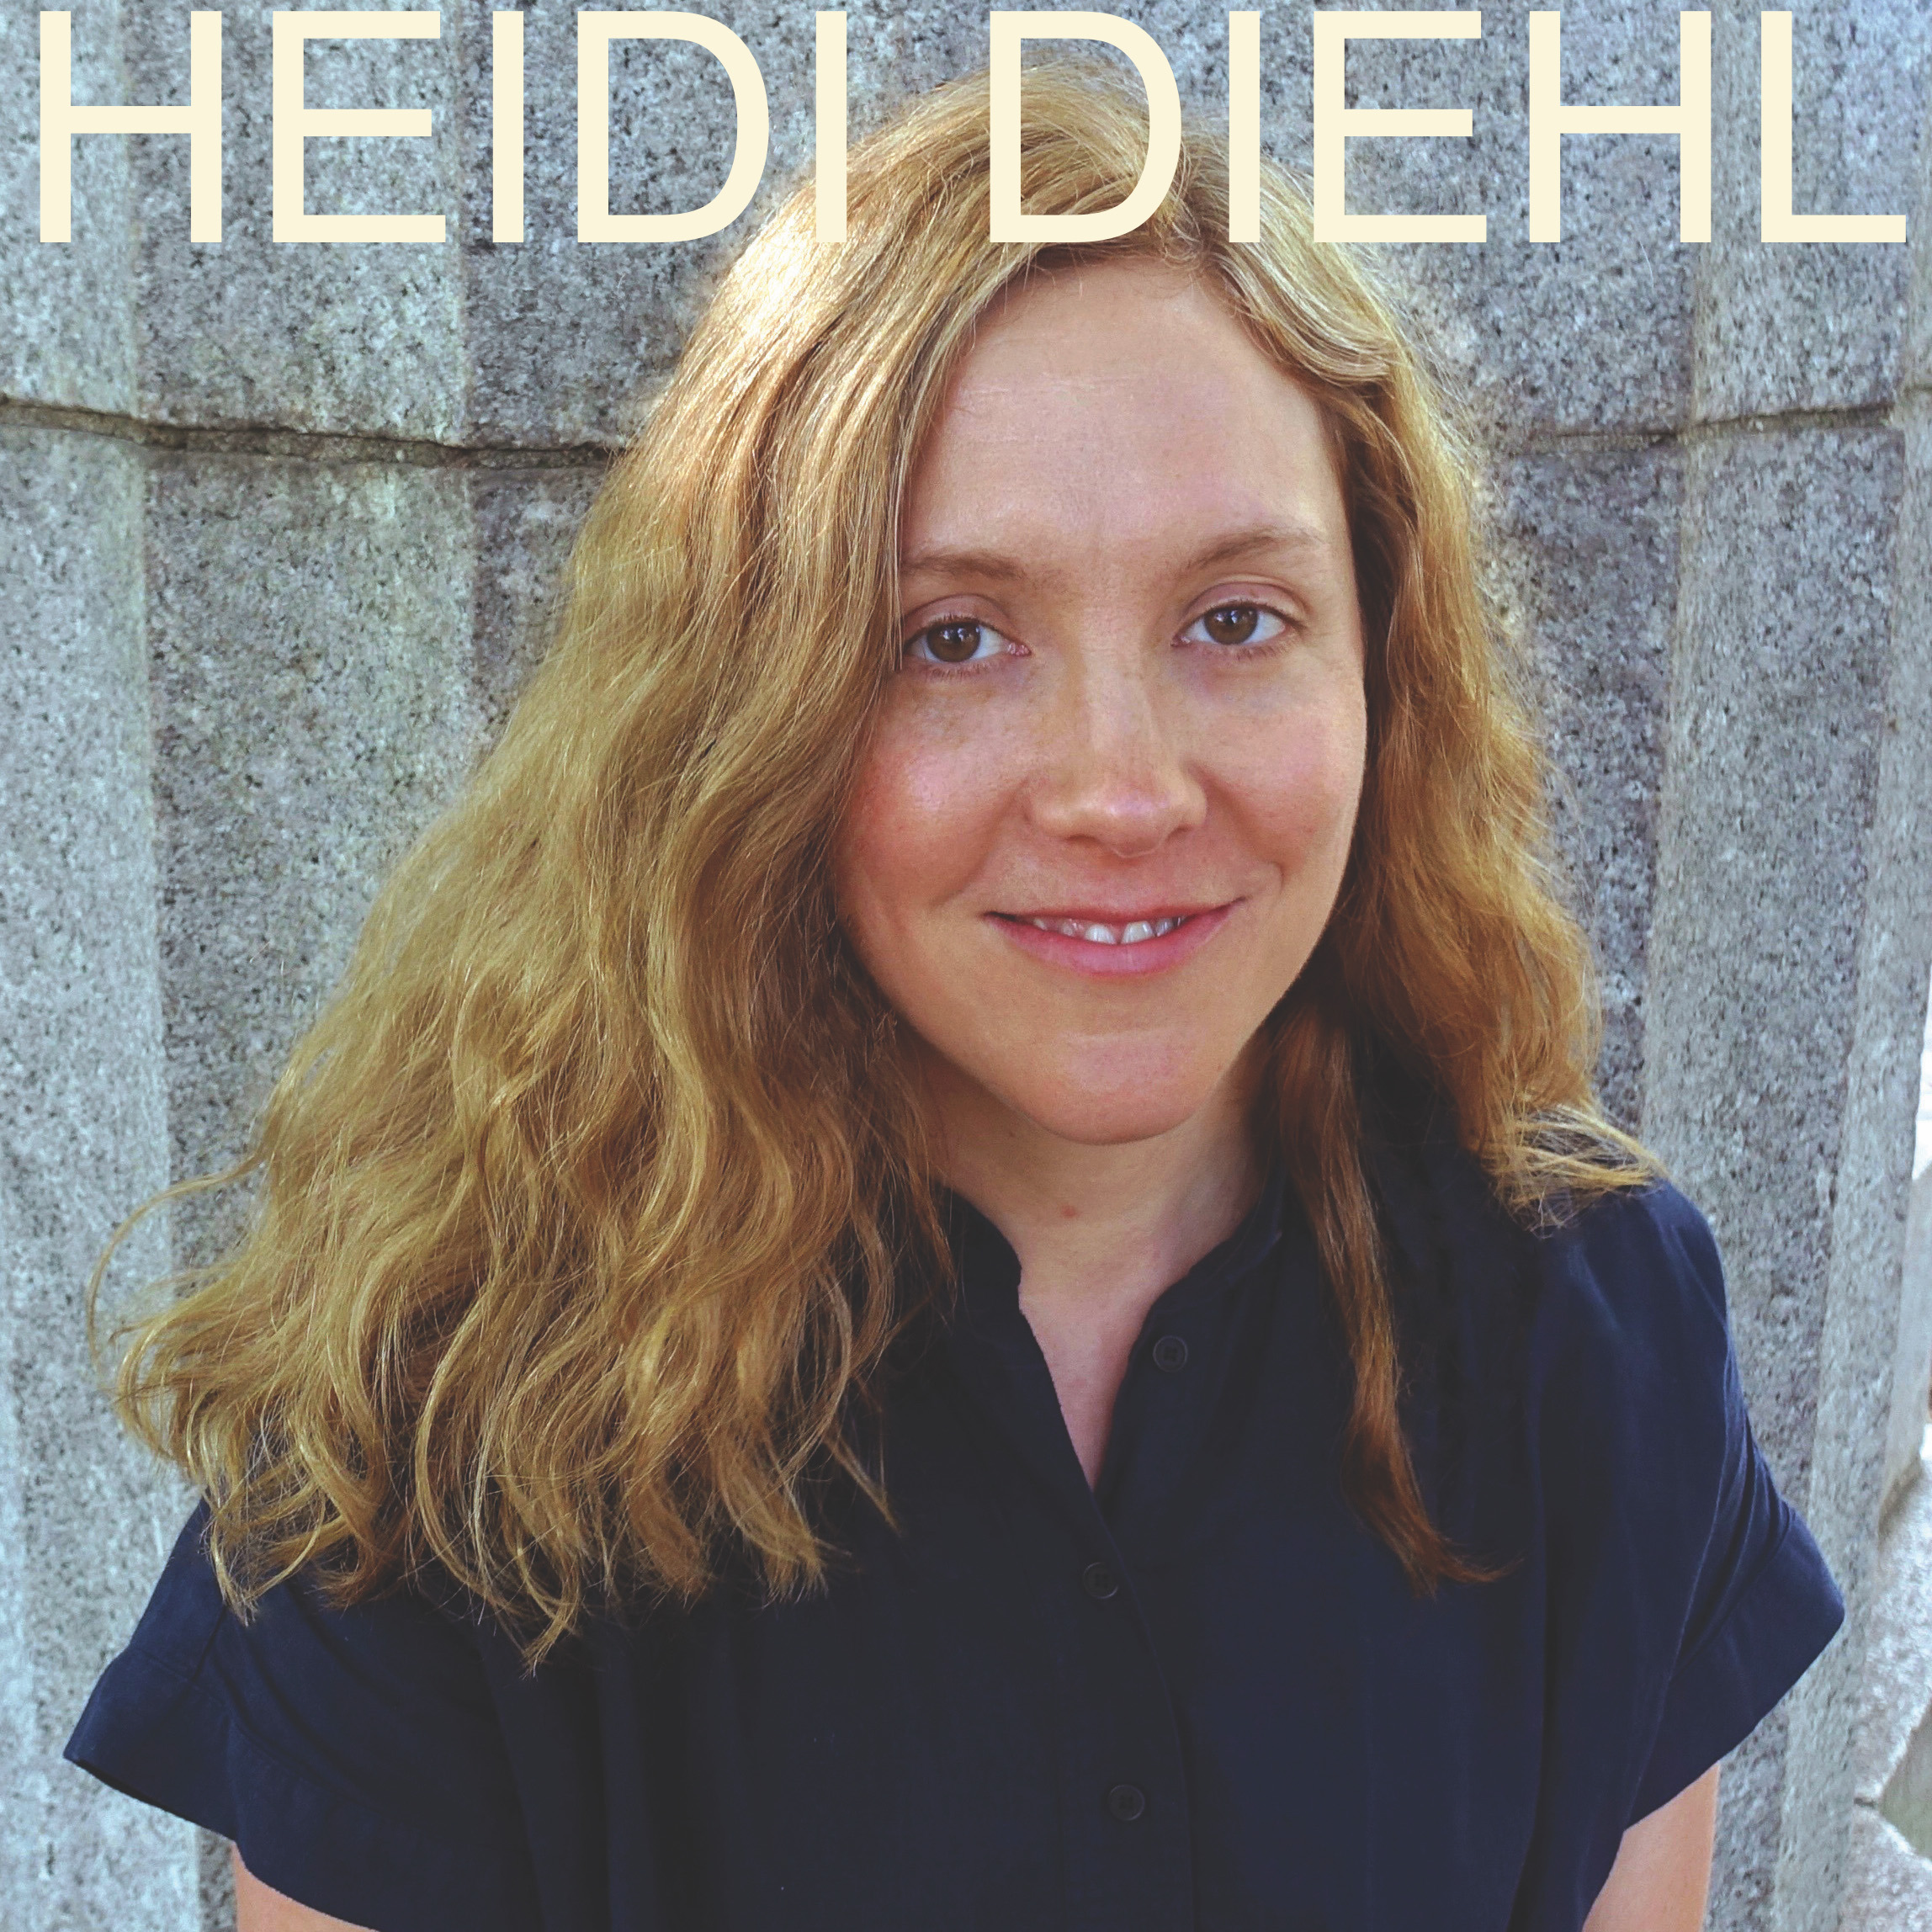 Diehl_Heidi.jpg